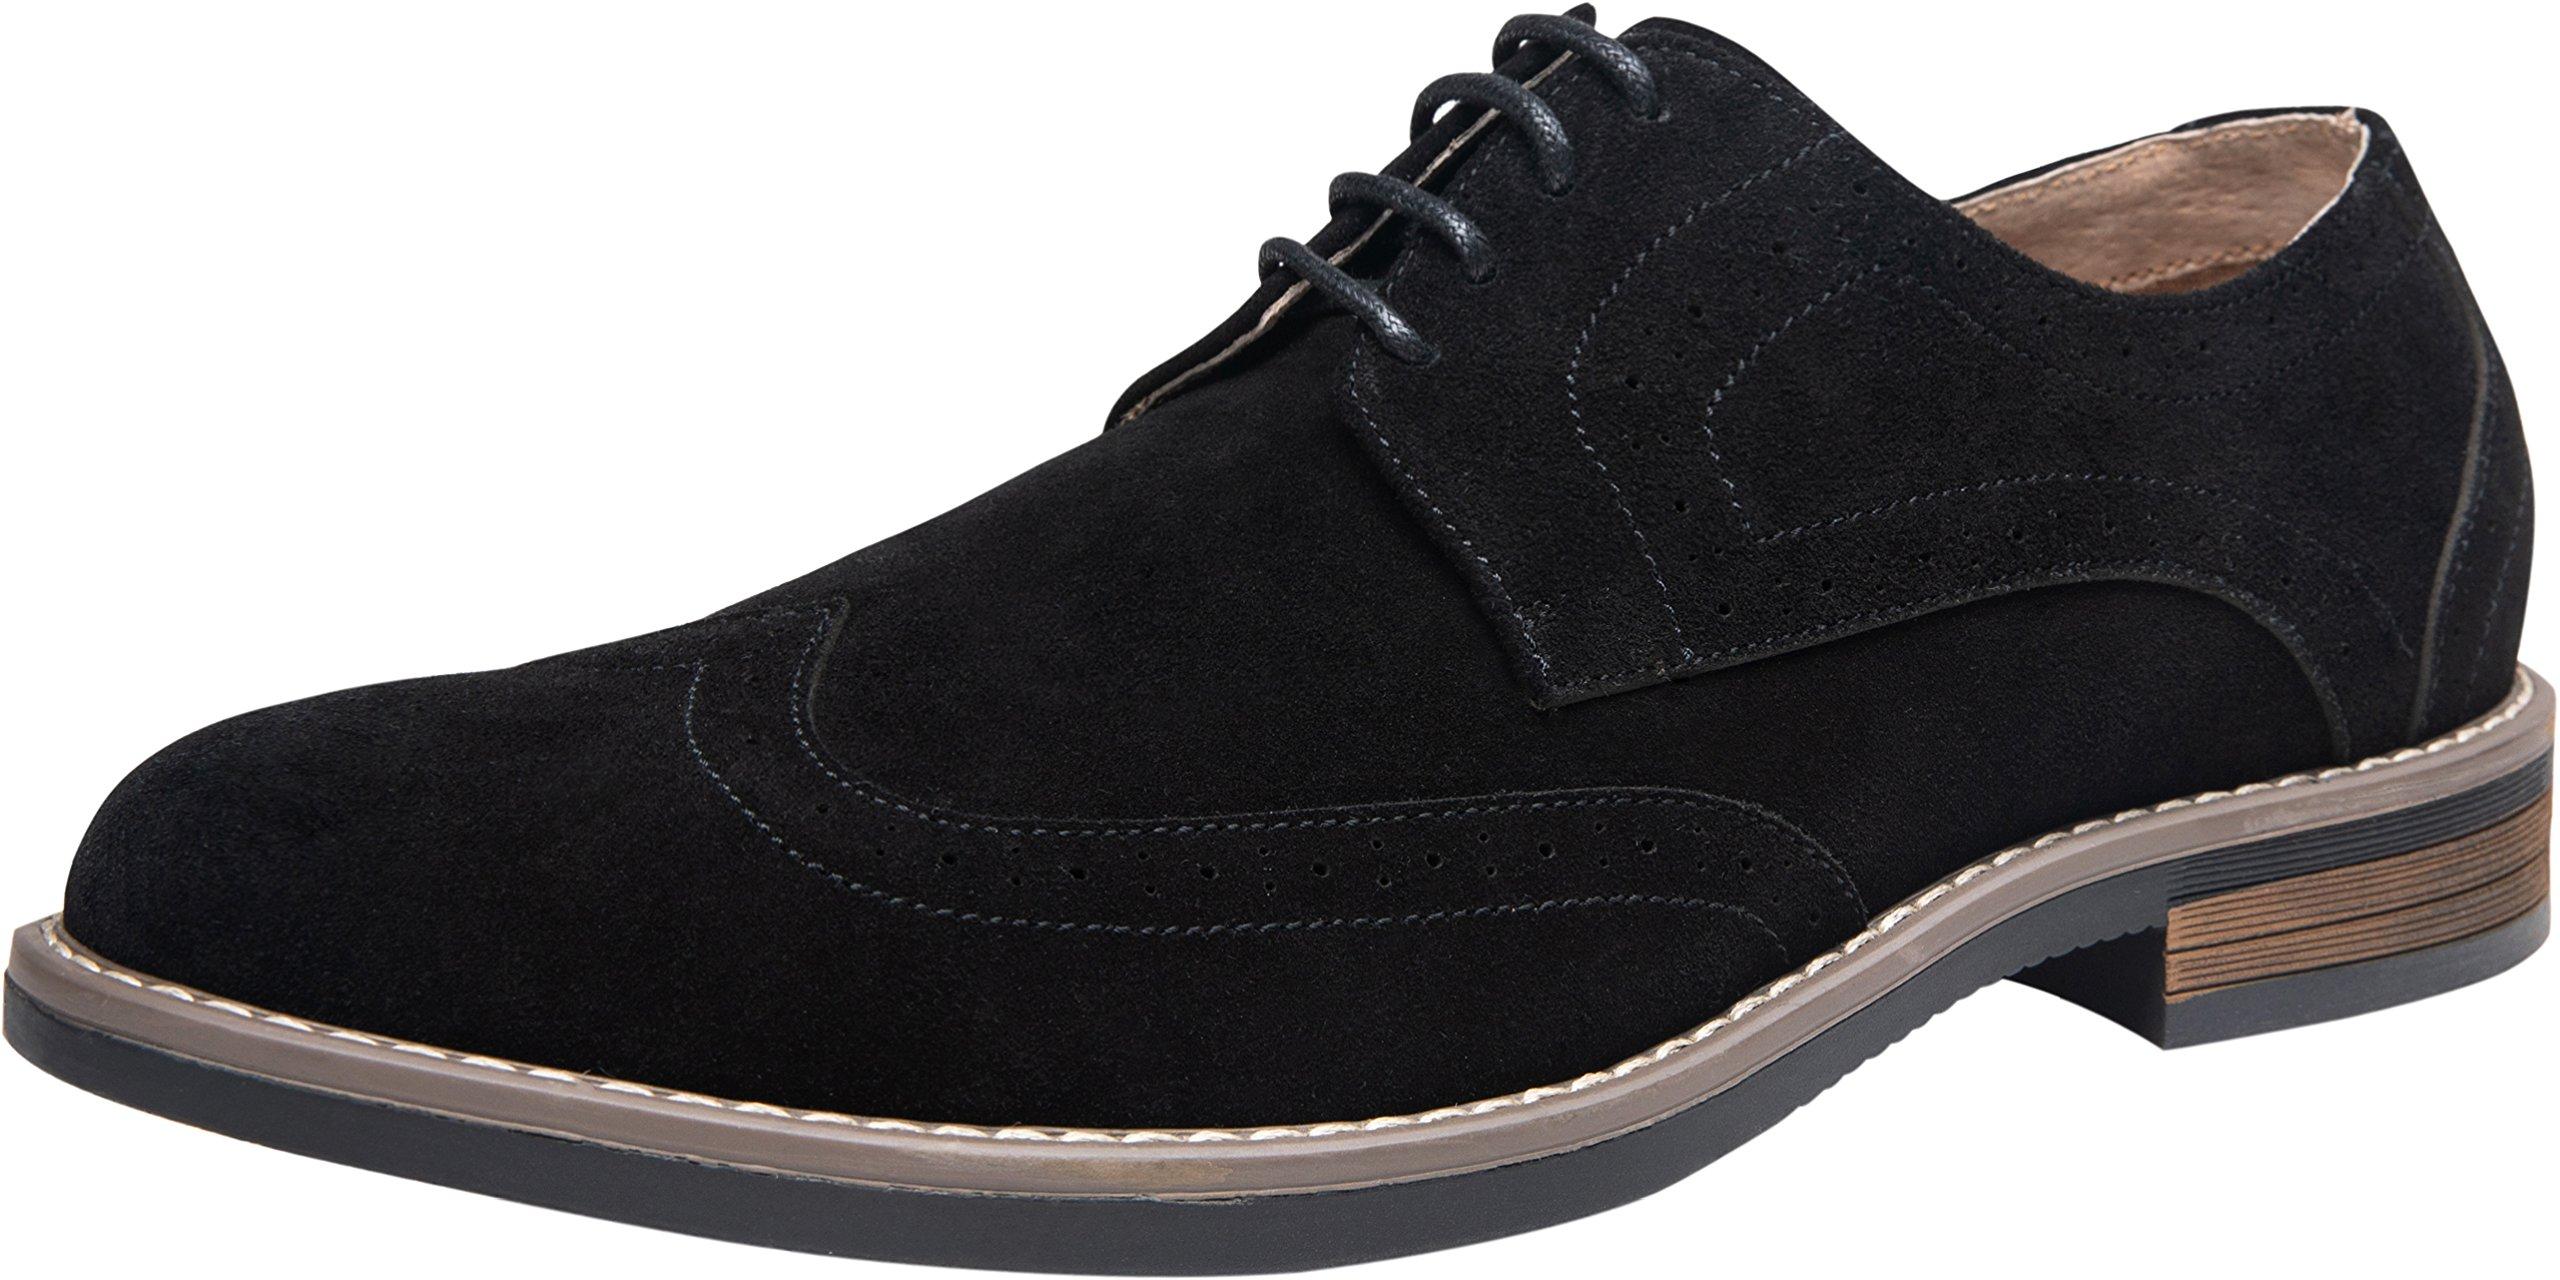 JOUSEN Men's Oxford Wingtip Brogue Suede Leather Dress Shoes (10,Black) by JOUSEN